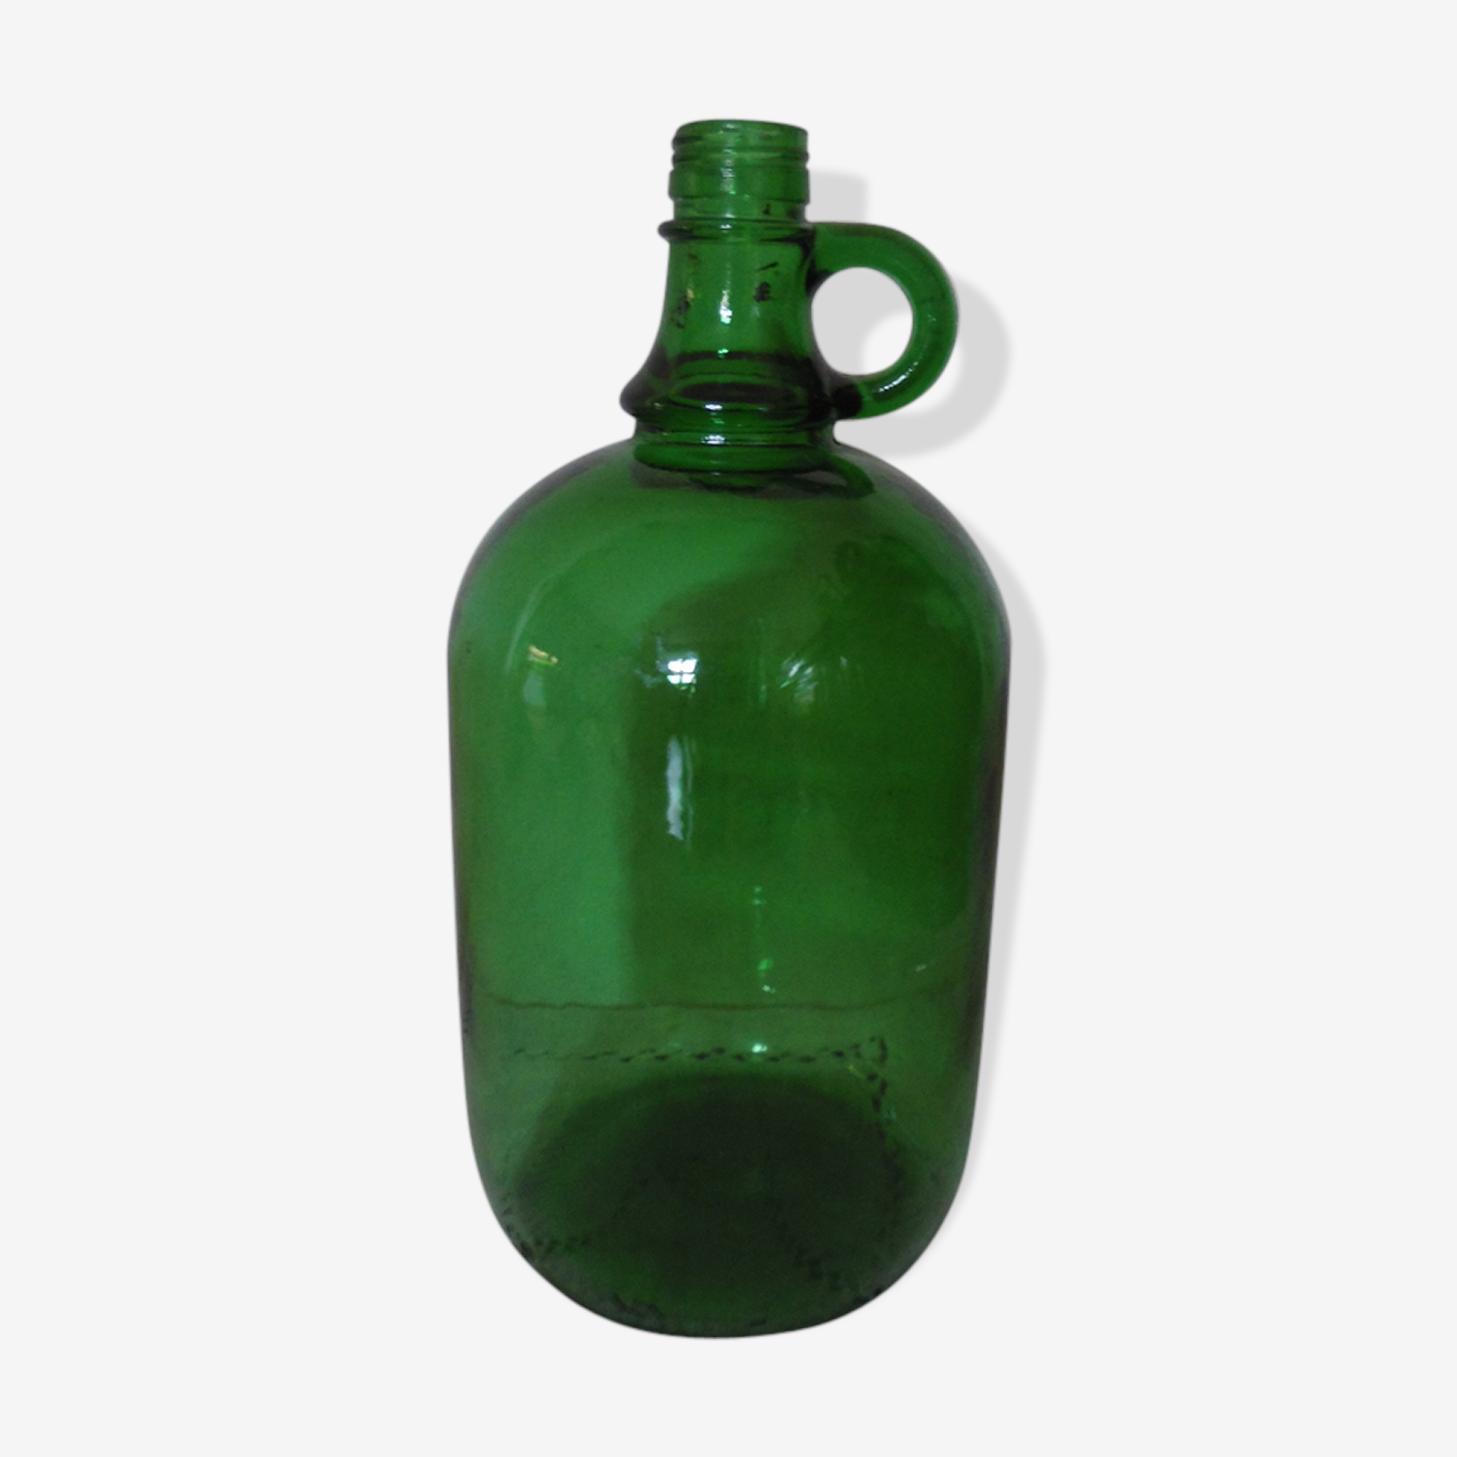 Bonbonne a anse en verre transparent couleur vert foncé